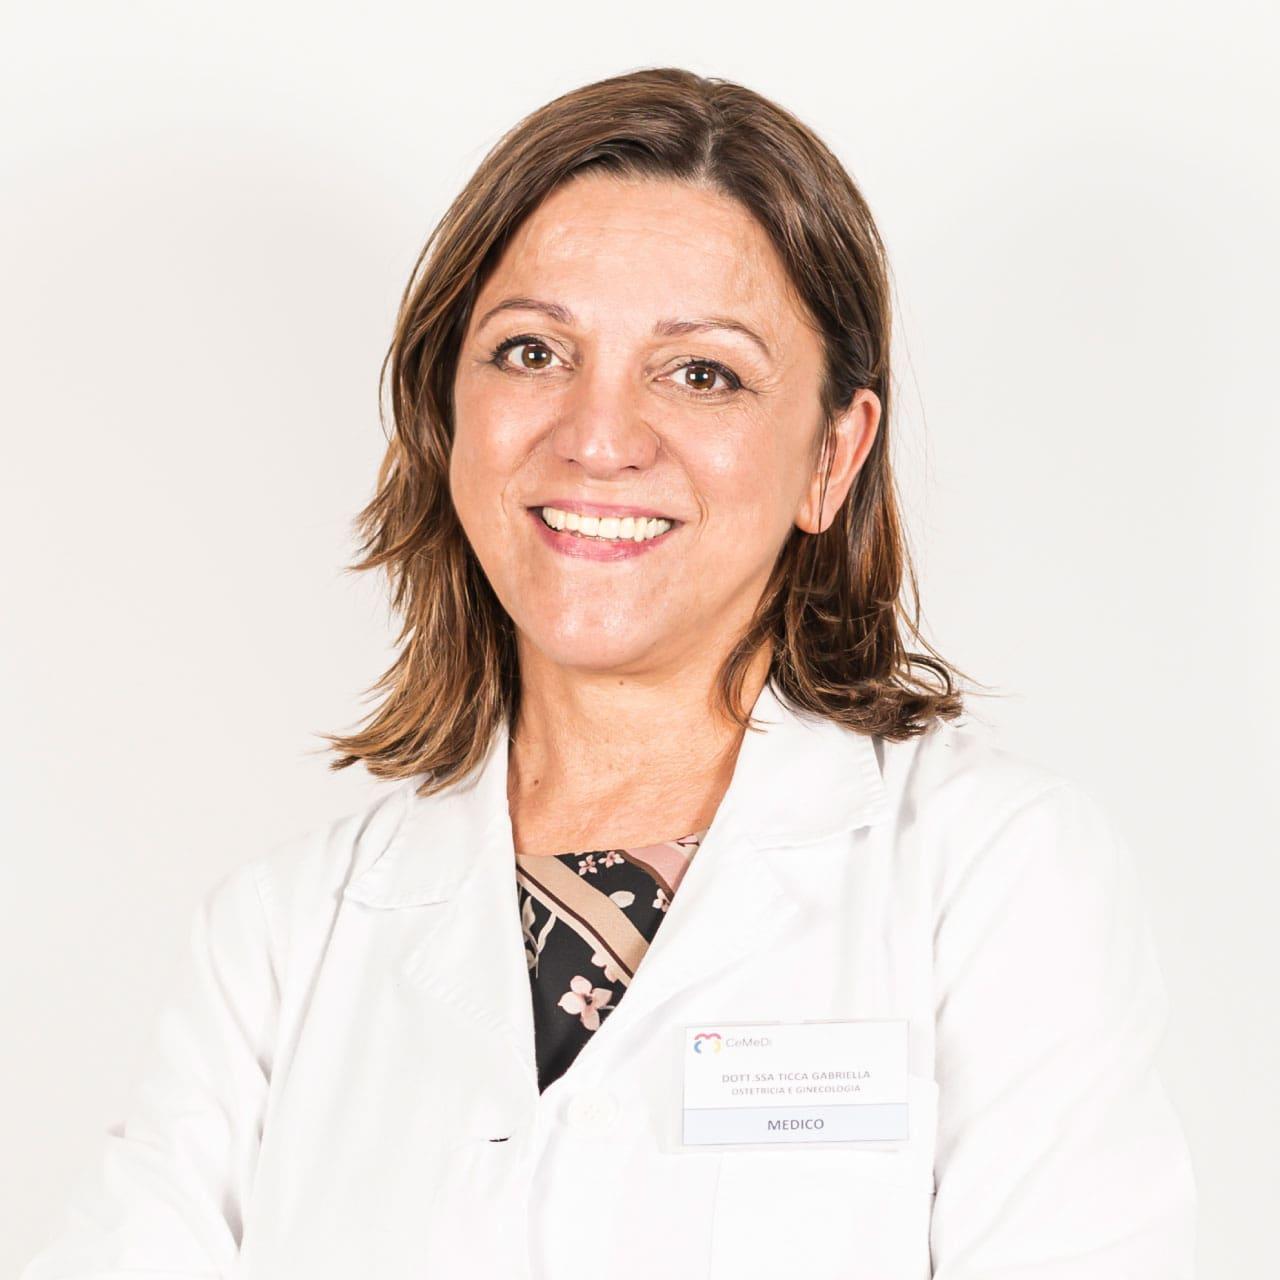 Ticca Dott.ssa Gabriella